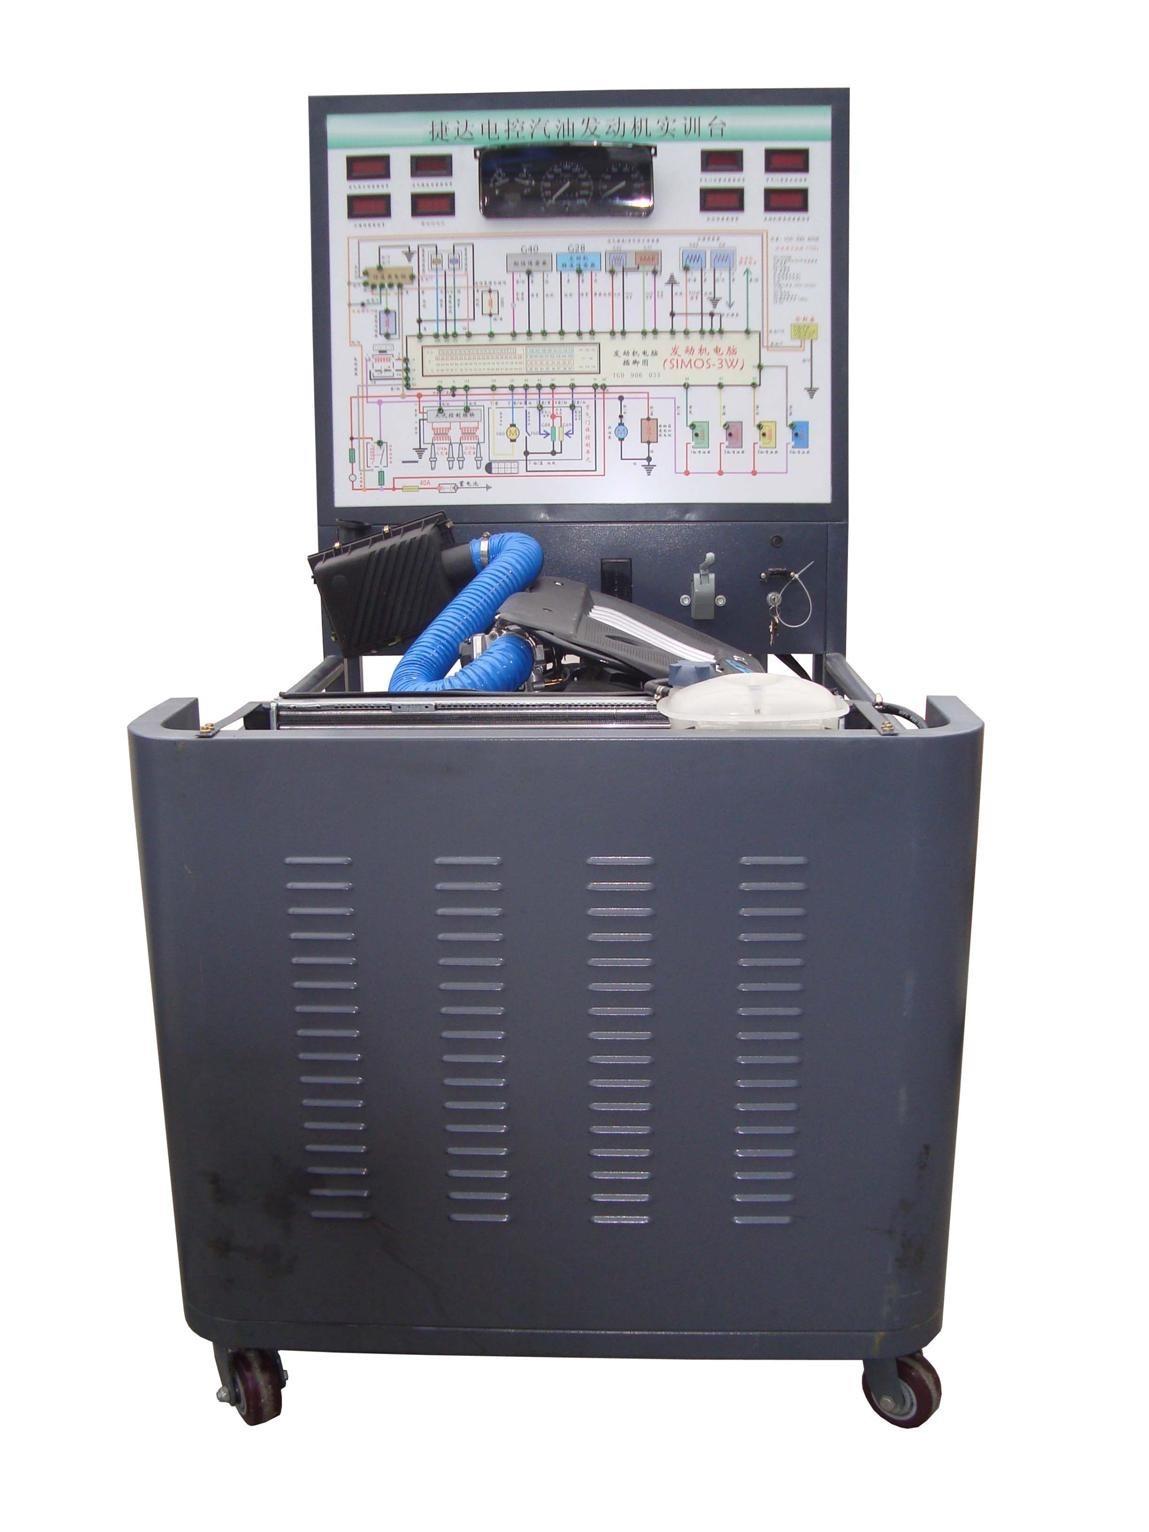 一、产品简介 捷达电控汽油发动机实训台采用电控汽油发动机总成及运行附件的固定台架和运行检测控制面板台架两部分组成。 发动机可进行起动、加速、减速等正常工况的实践操作,真实展示电控汽油发动机的组成结构和工作过程。 适用于中高等职业技术院校、普通教育类学院和培训机构对汽车发动机和维修实训的教学需要。 二.功能特点 1.